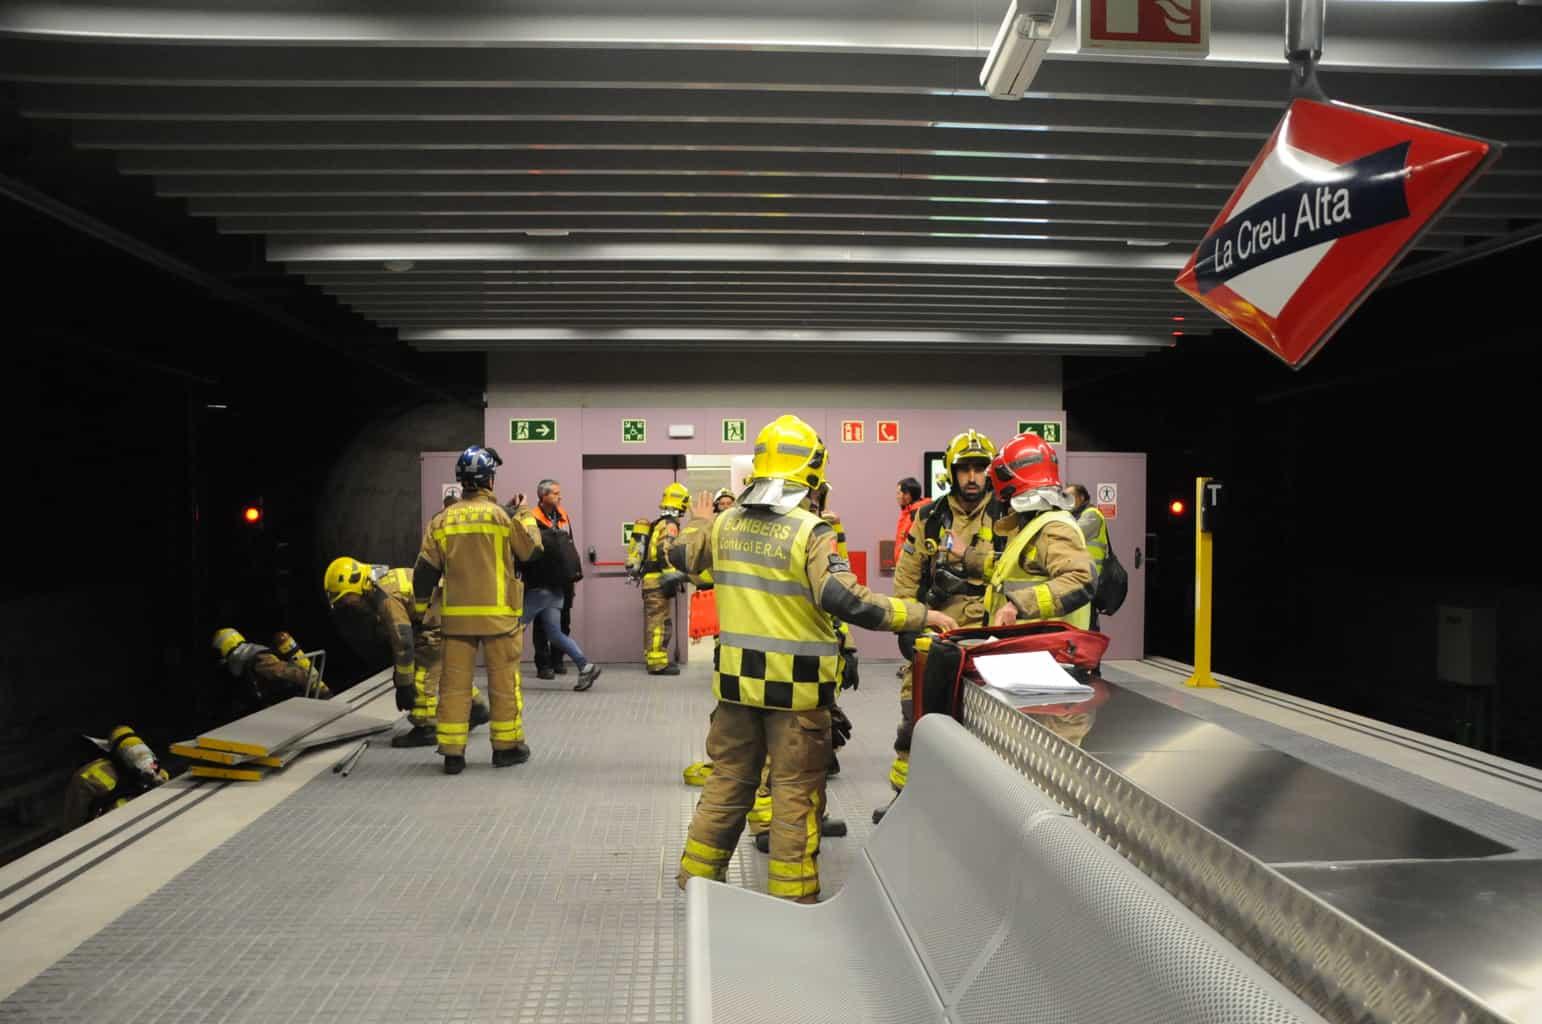 Emergències a prova en un incendi simulat